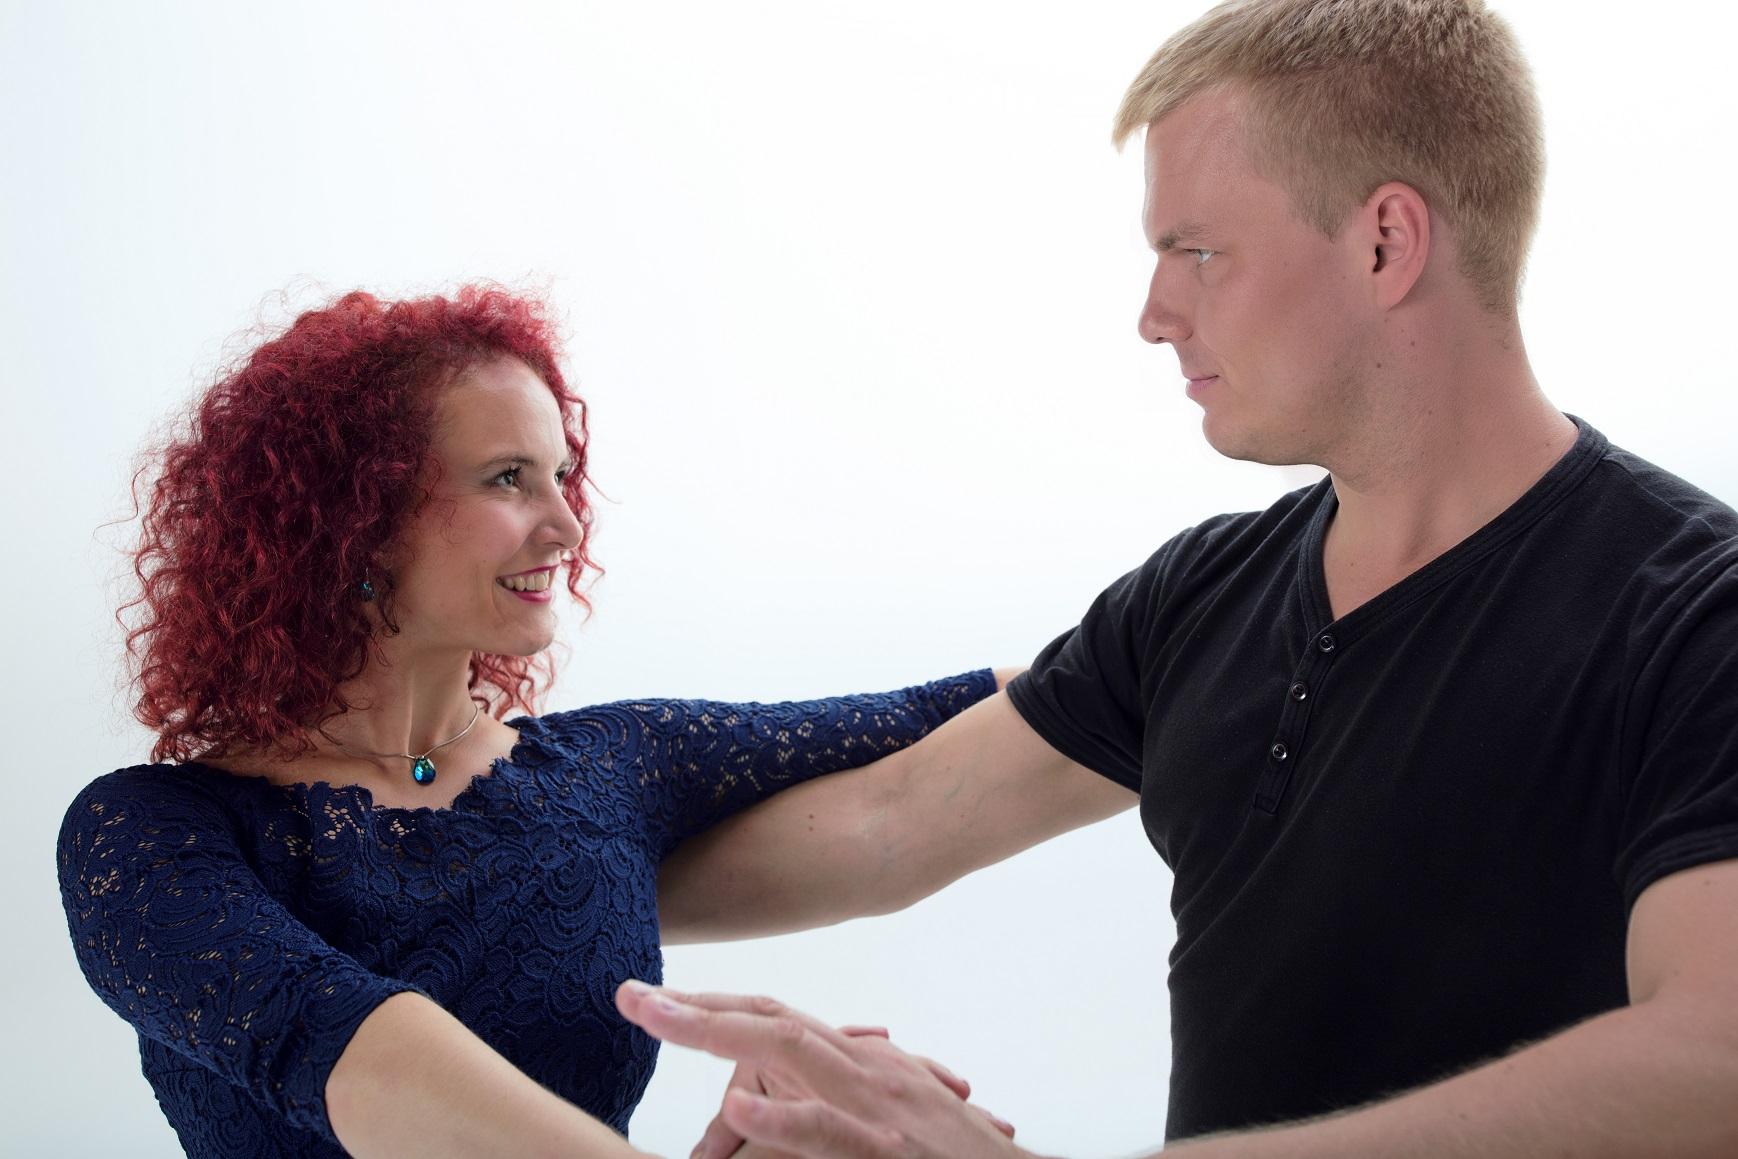 erica vděčí za sociologii milostného námluvy a randění